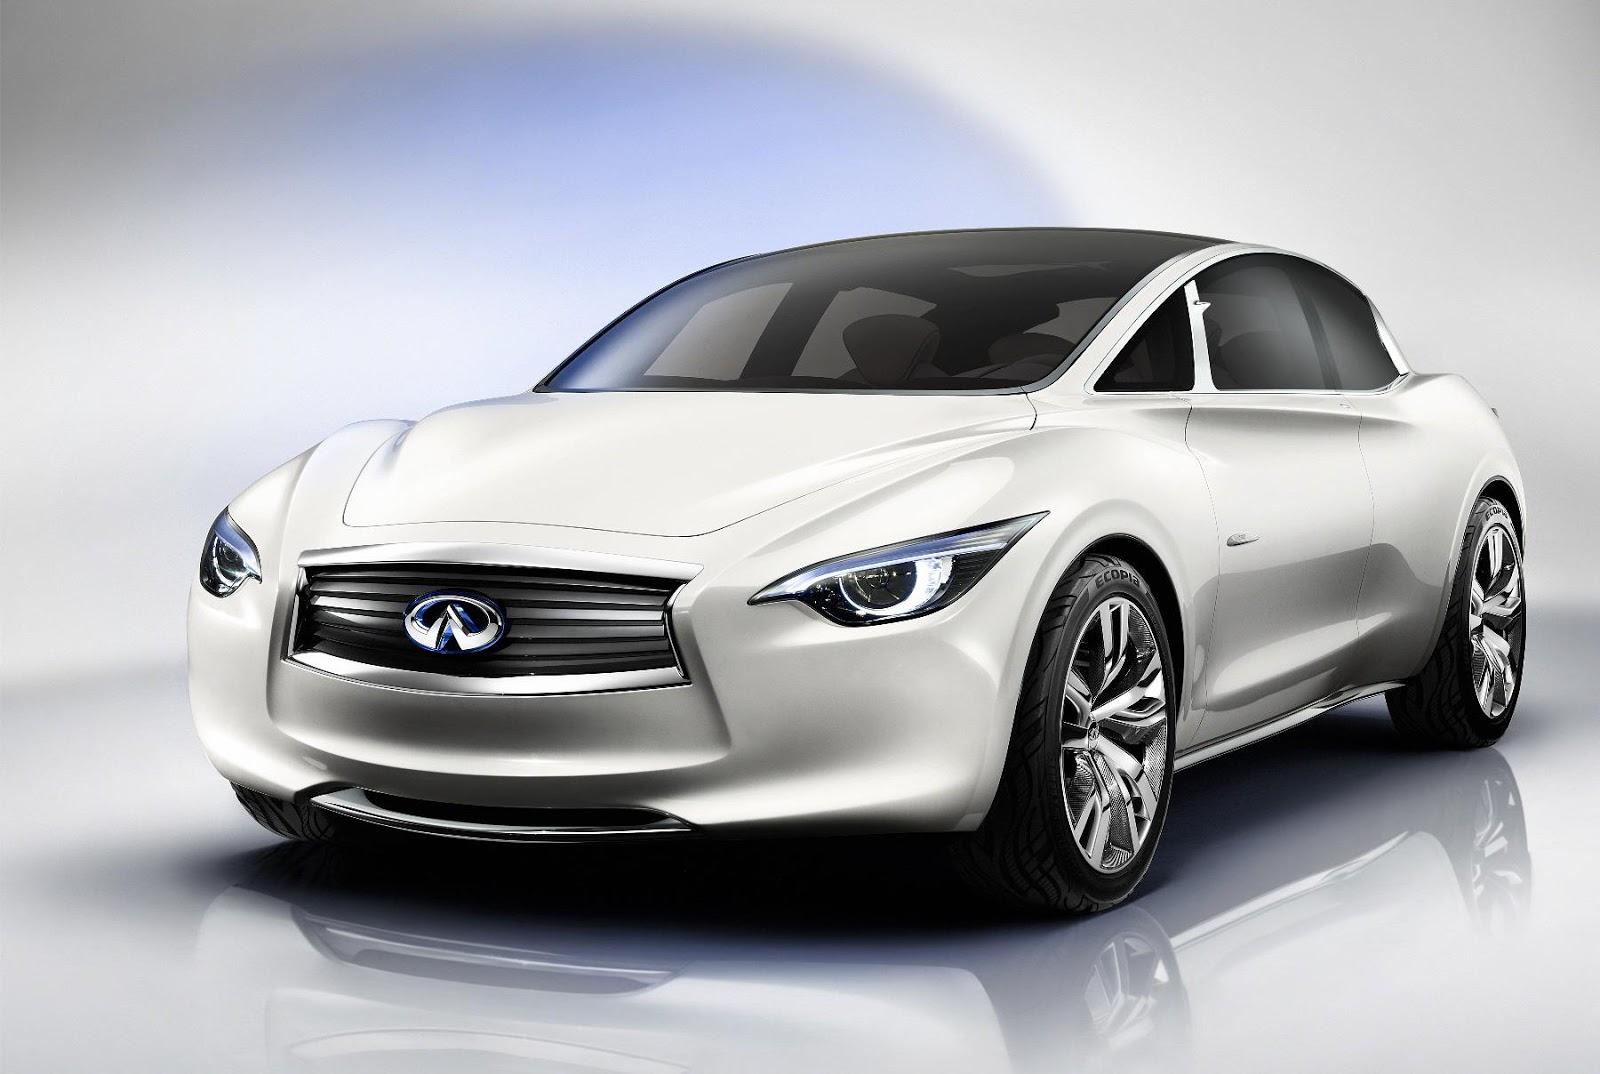 日本自動車デザインコーナー 「Japanese Car Design Corner」: Infiniti ...